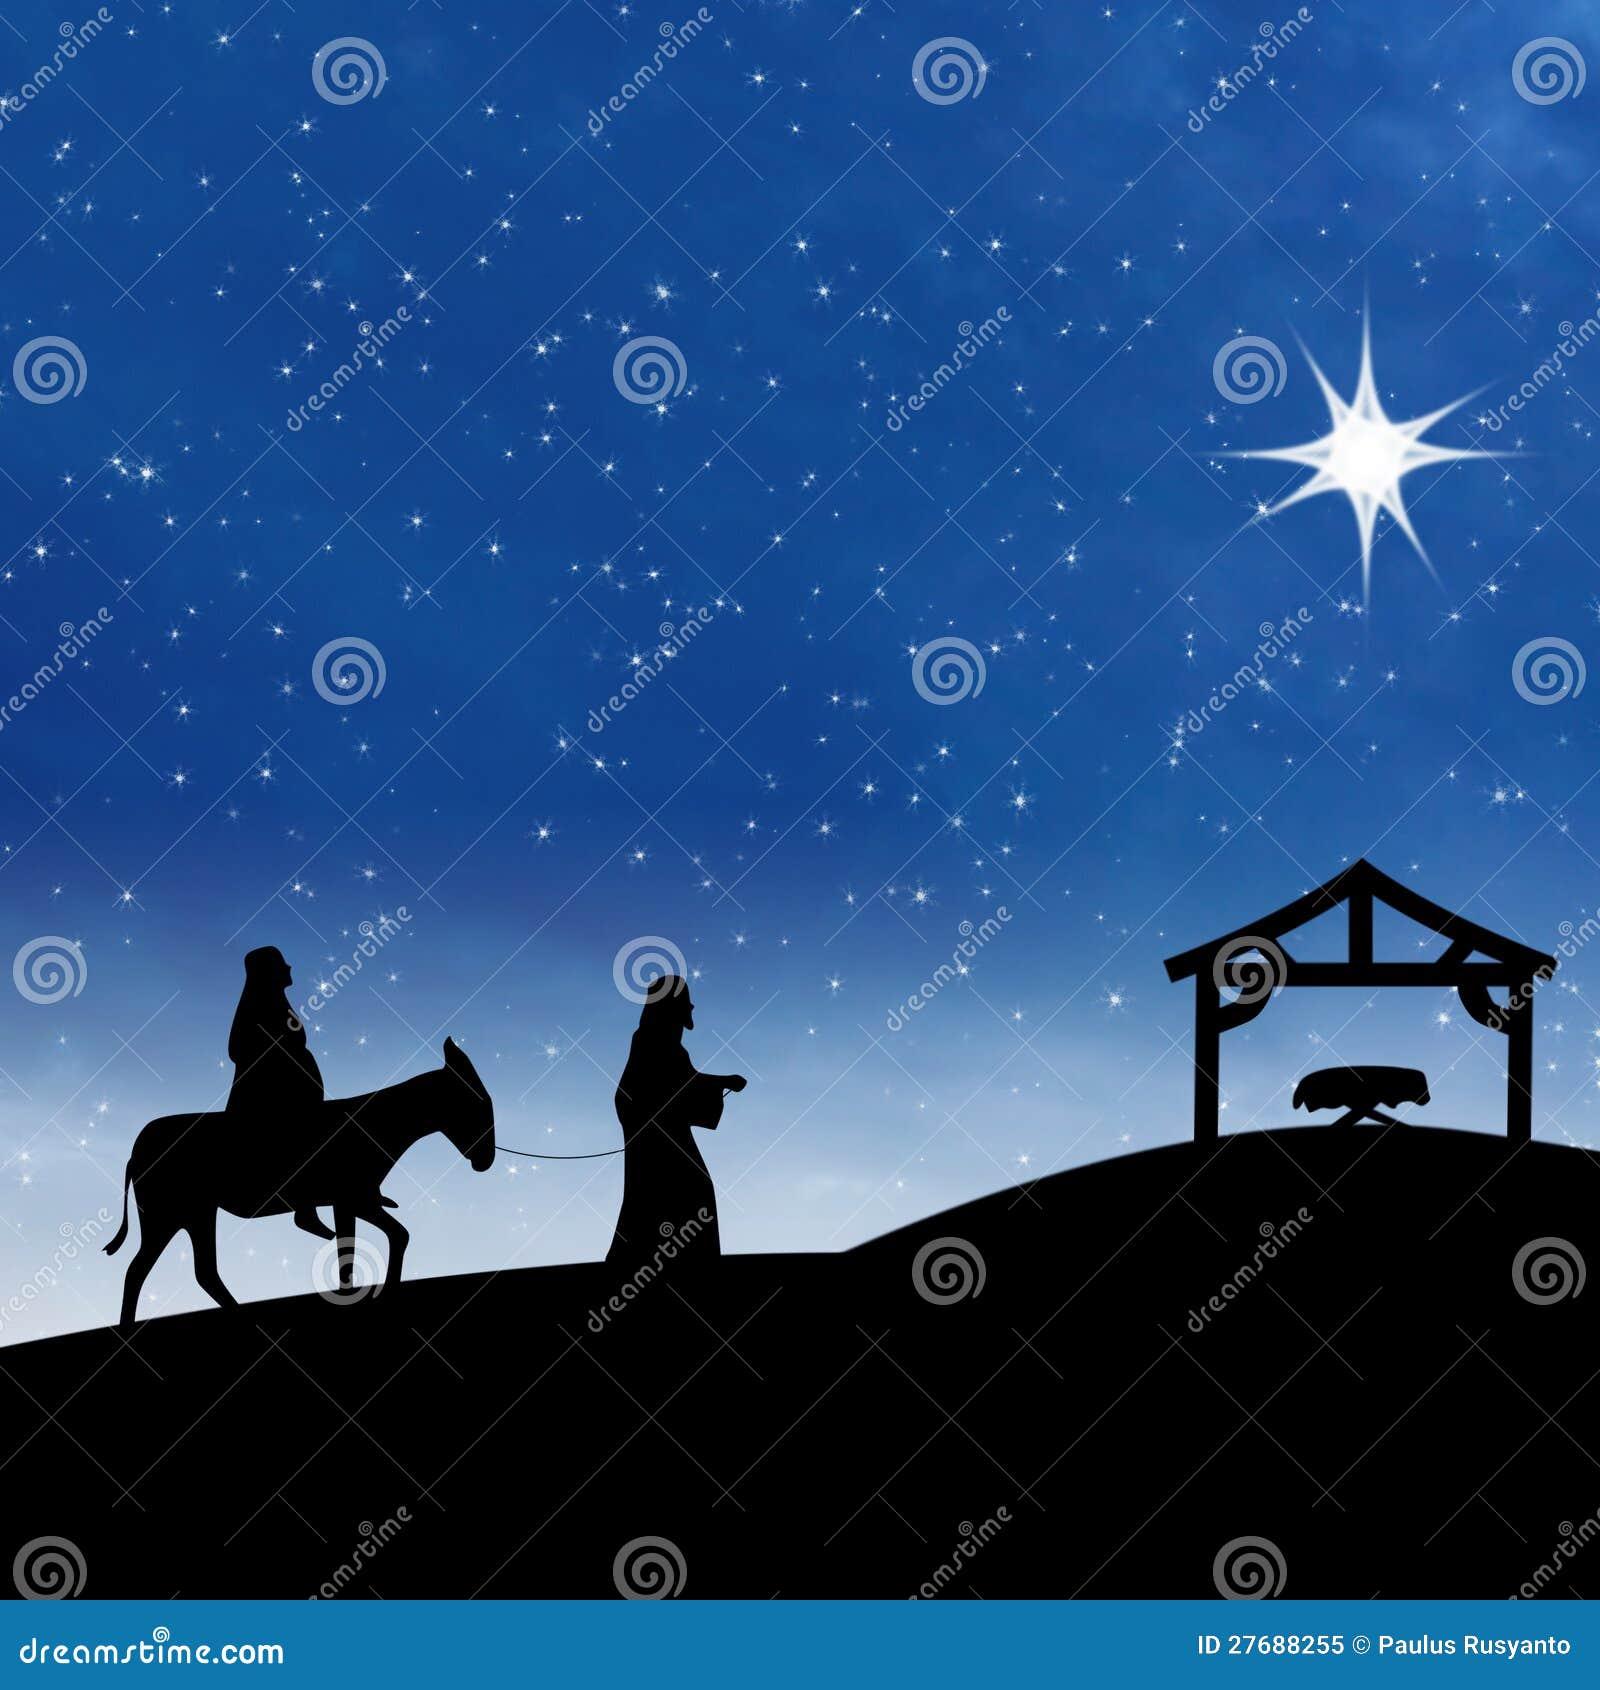 clipart naissance de jesus - photo #26